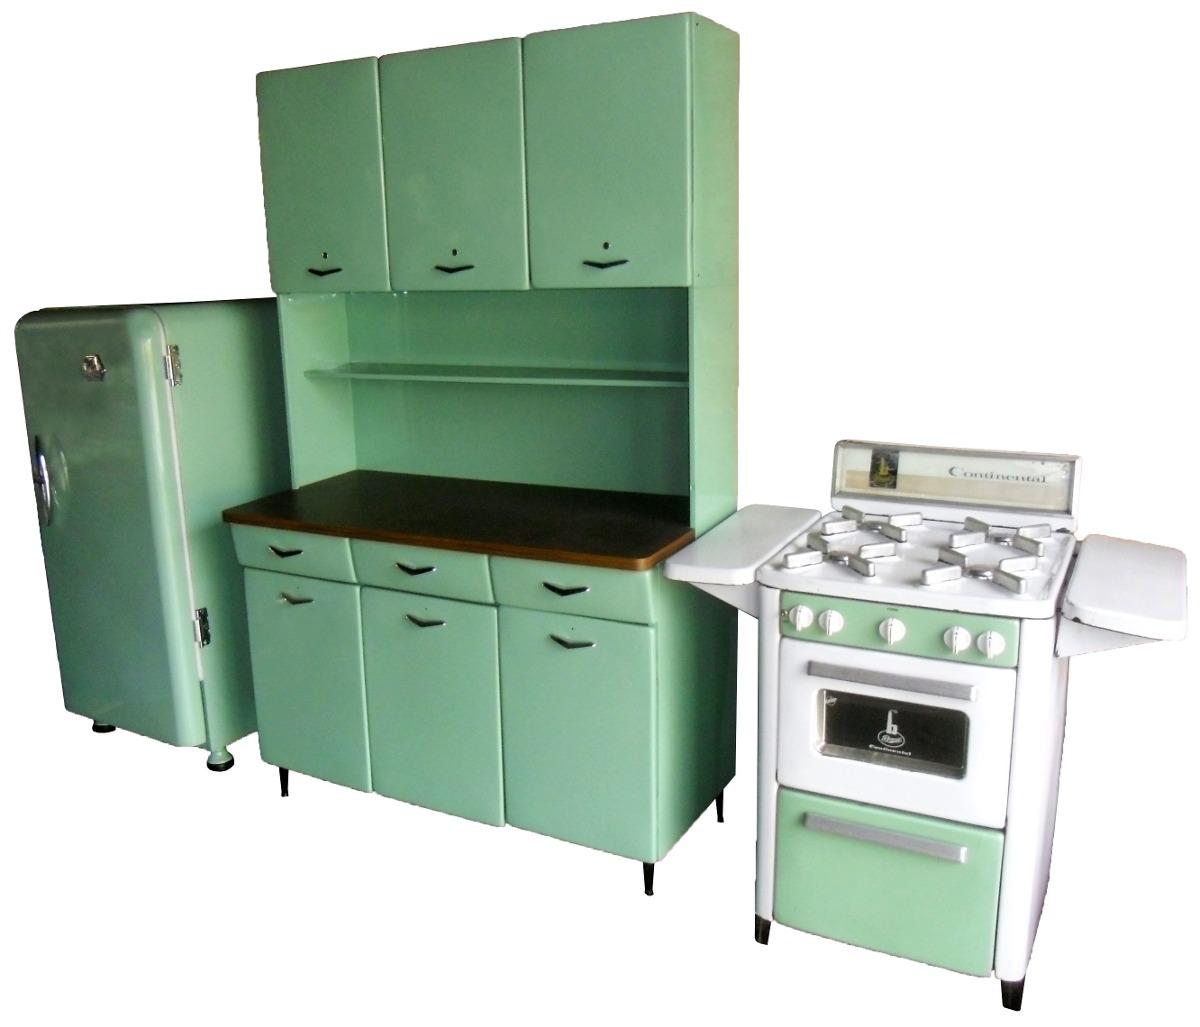 #478458  mesma tonalidade de verde (da época '60s) funcionamento para uso 1200x1027 px Projeto De Cozinha Caipira Completa #2815 imagens